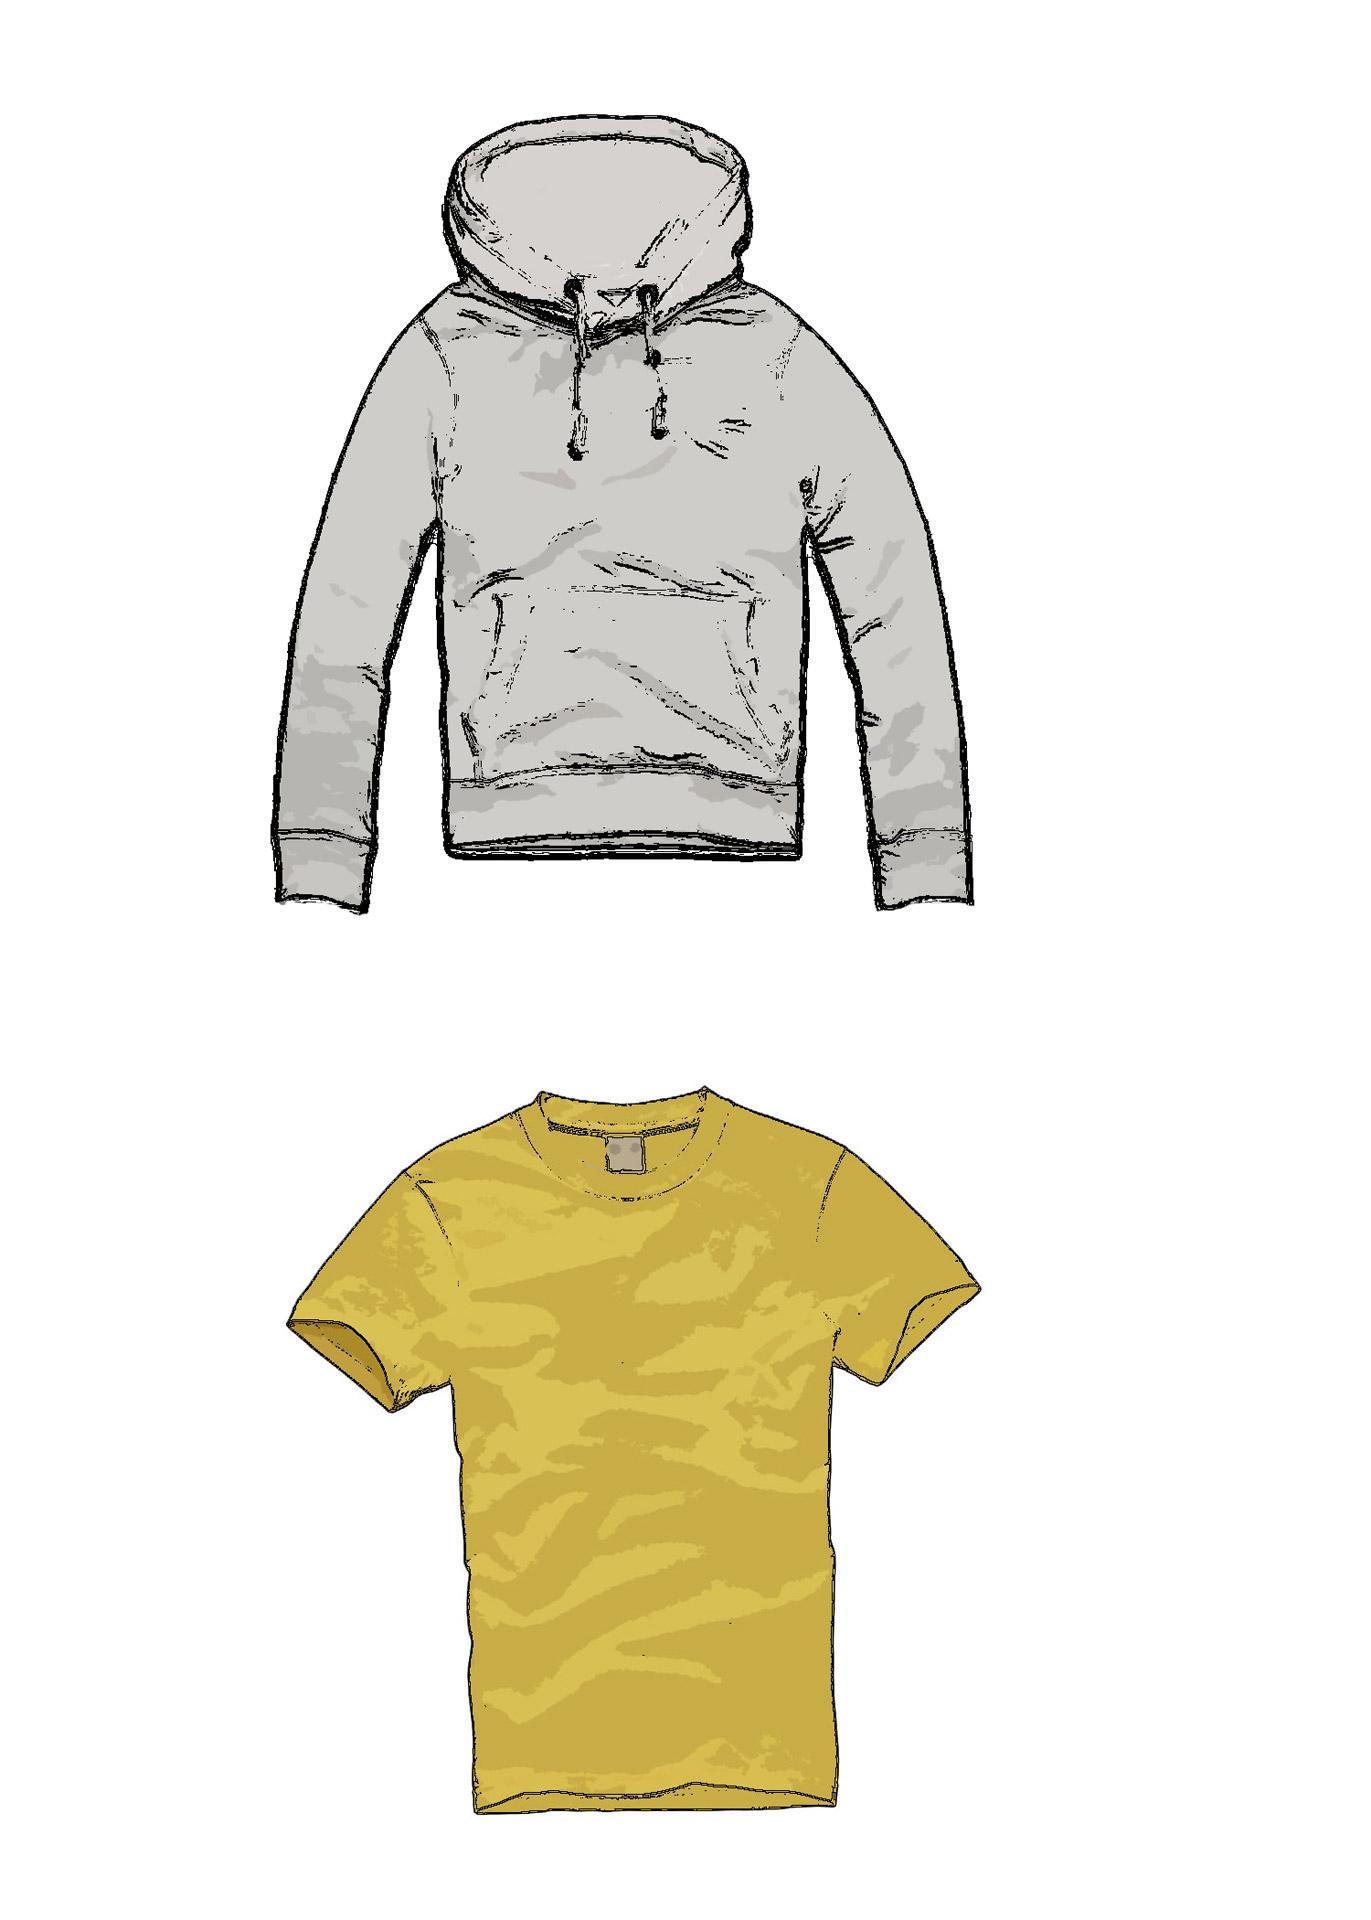 Sweatshirt clipart 6